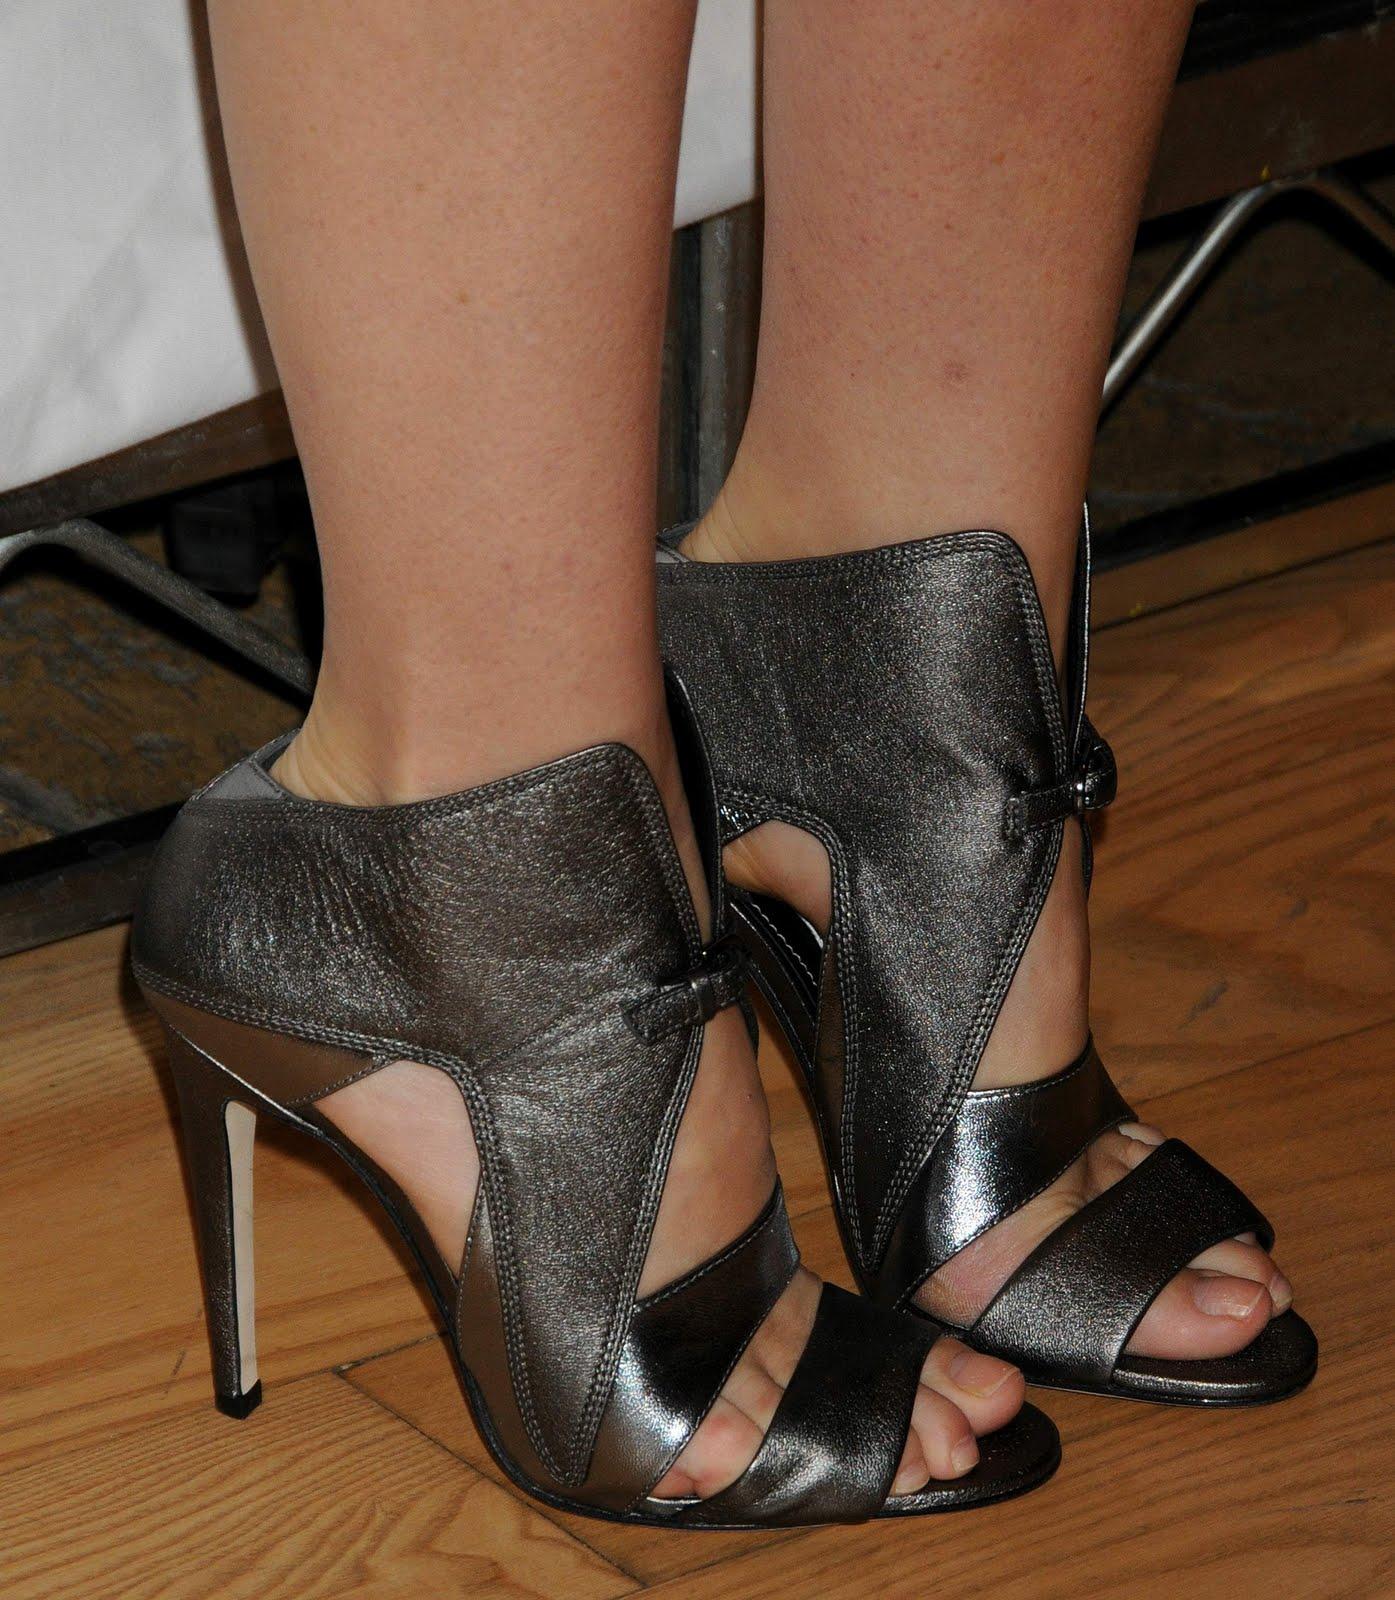 http://1.bp.blogspot.com/-jEn08fwF0f4/TgxtS2ZHtsI/AAAAAAAABGI/DjDlPITZspY/s1600/Gwyneth-Paltrow-Feet-441273.jpg